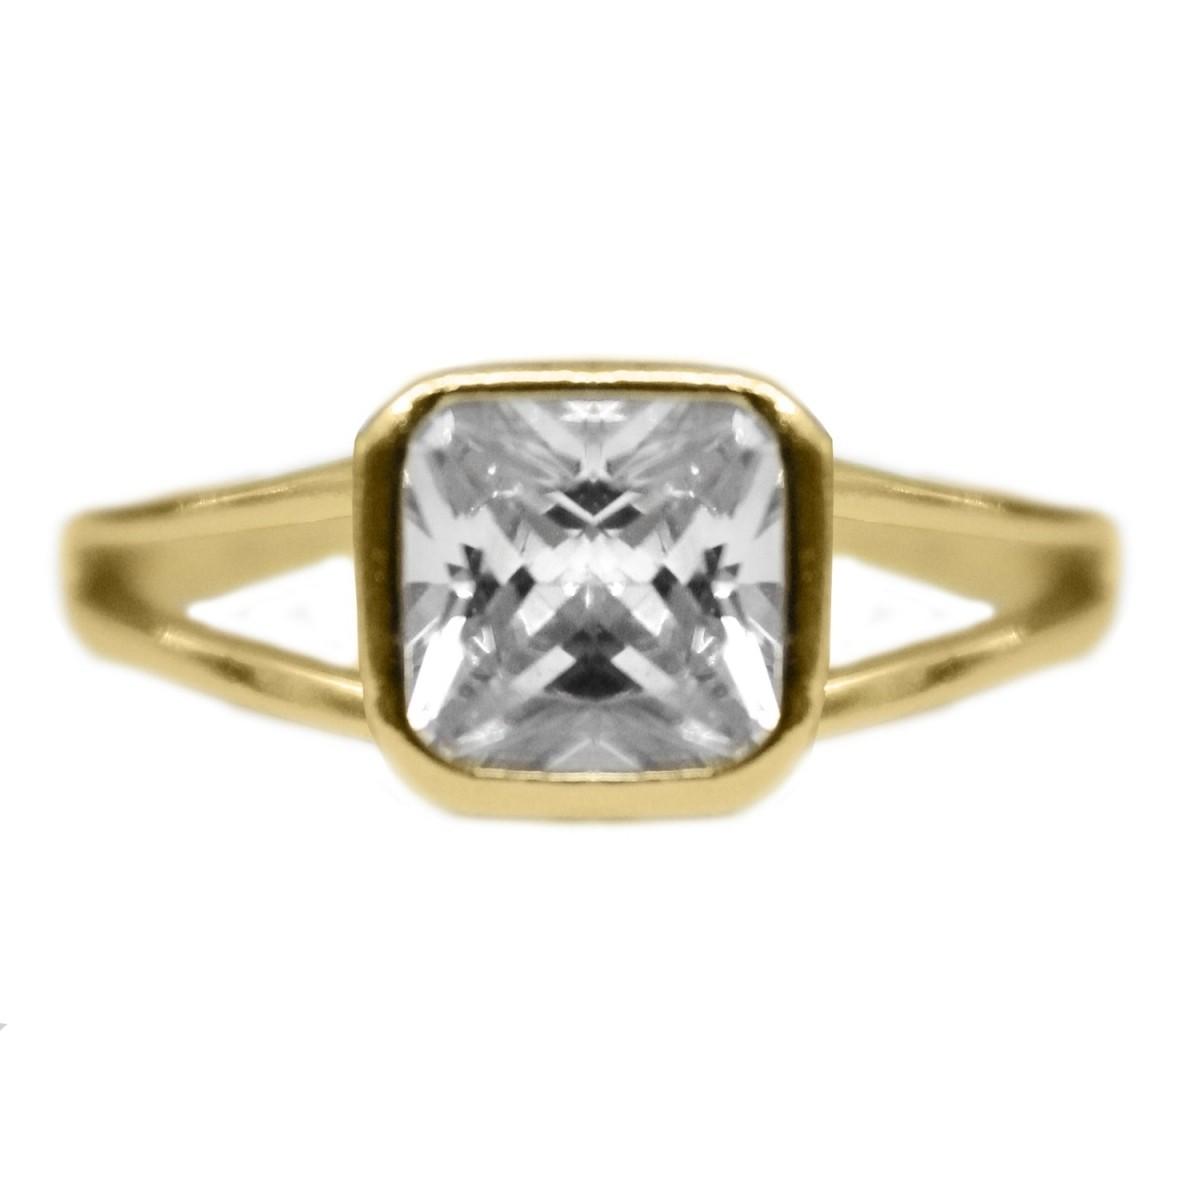 4eadd5e8f4ec0 produtos detalhes anel adornado com uma zirconia cristal em brilhantes  banho ouro 18k tamanho 19 1anl000 - Busca na Lunozê Joias